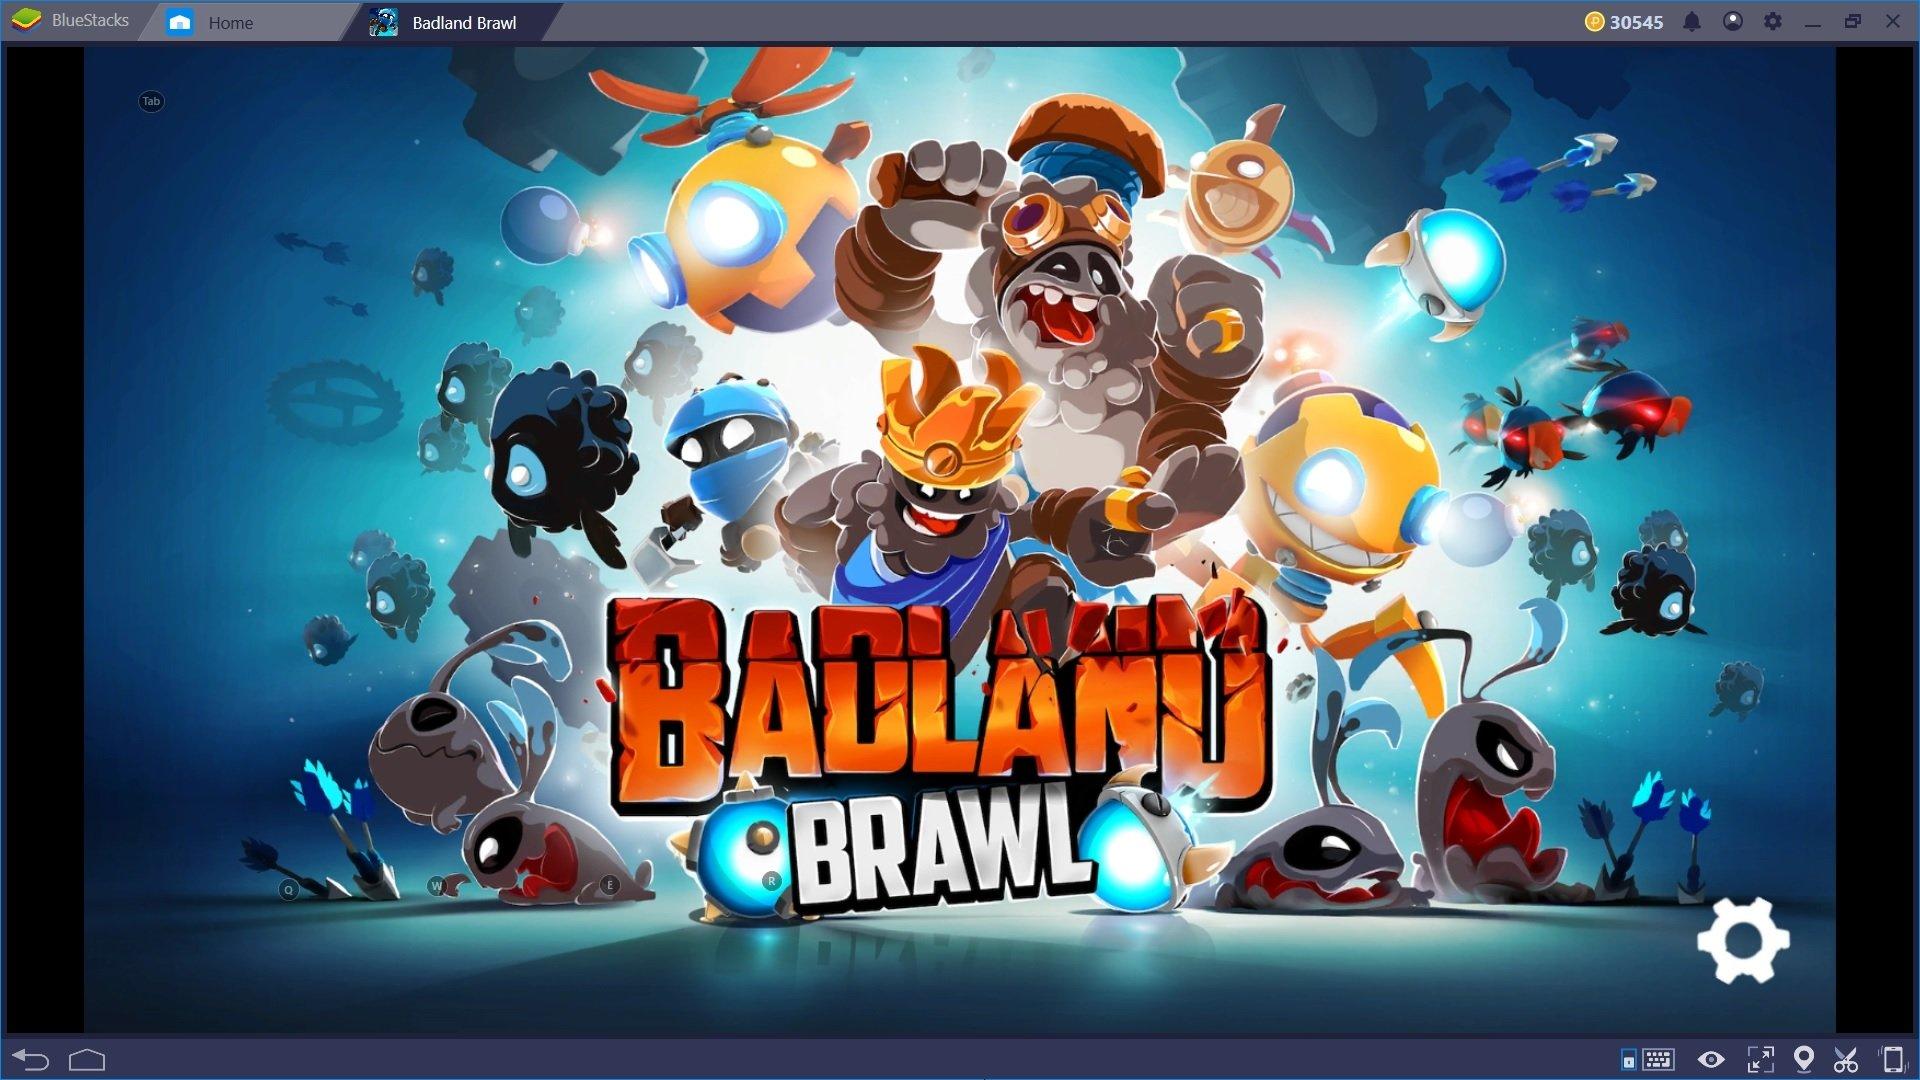 Badland Brawl: Introduzione per i Nuovi Giocatori